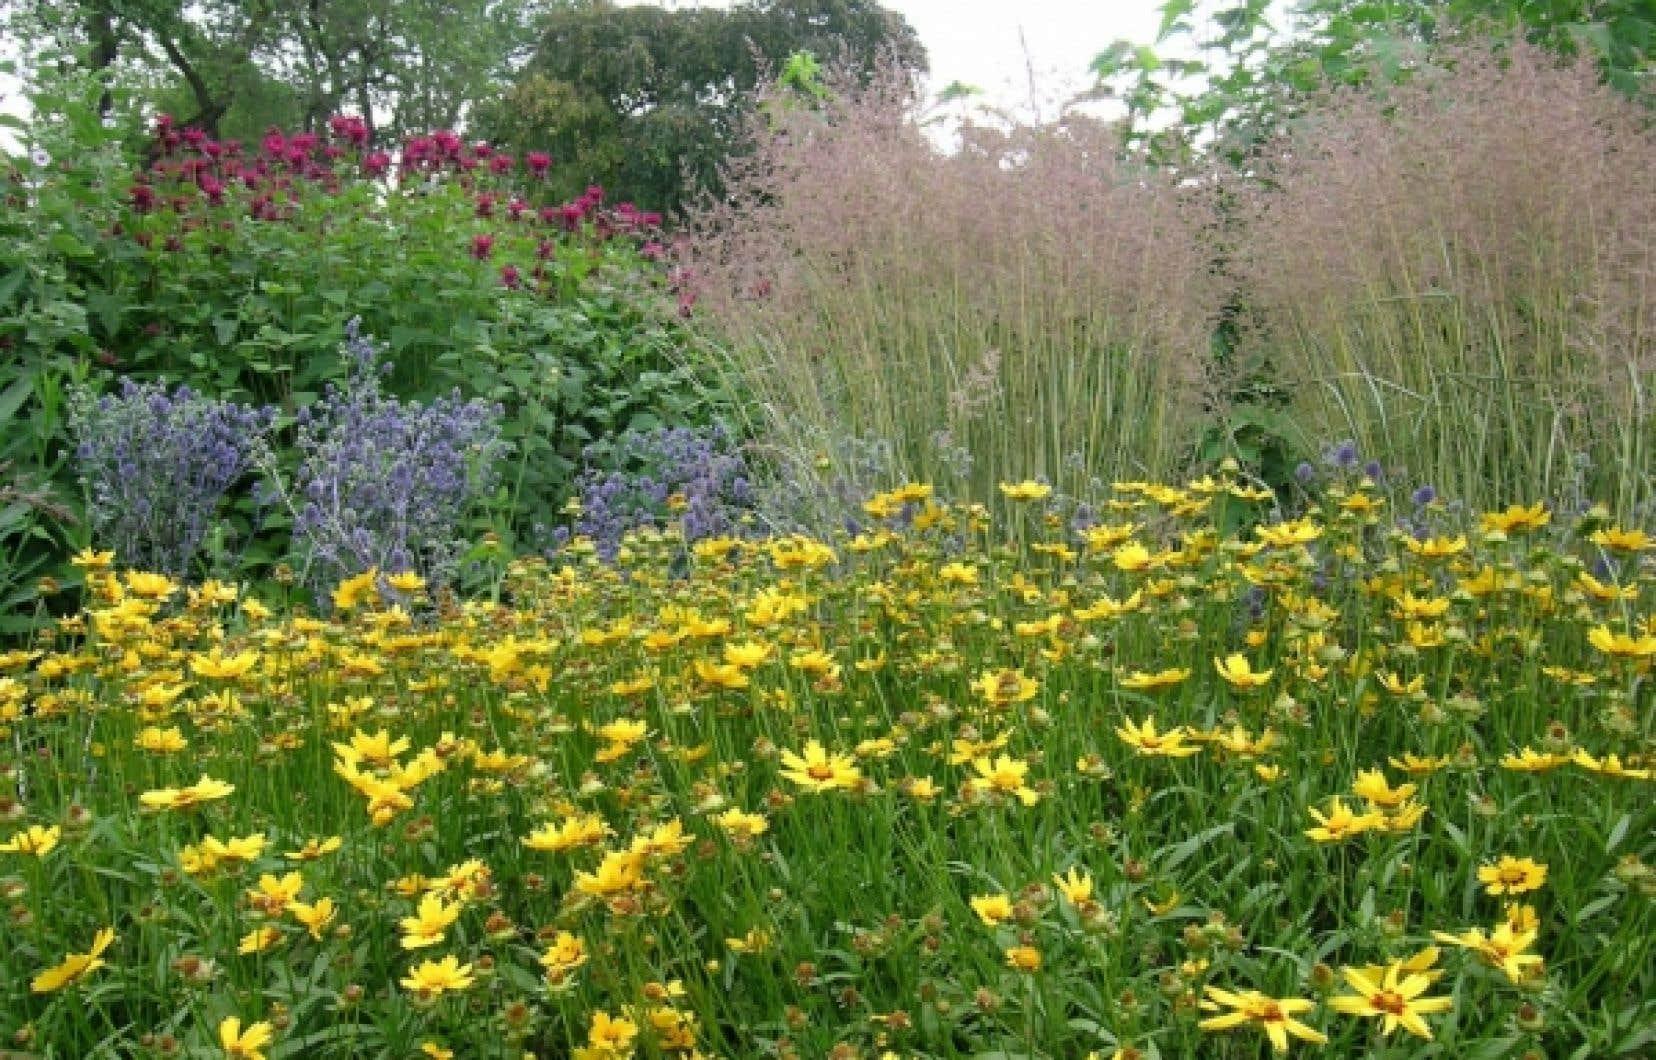 Massif des talentueux horticulteurs du jardin botanique de Montr&eacute;al. Coreopsis, Eryngium, monardes et gramin&eacute;es.<br />